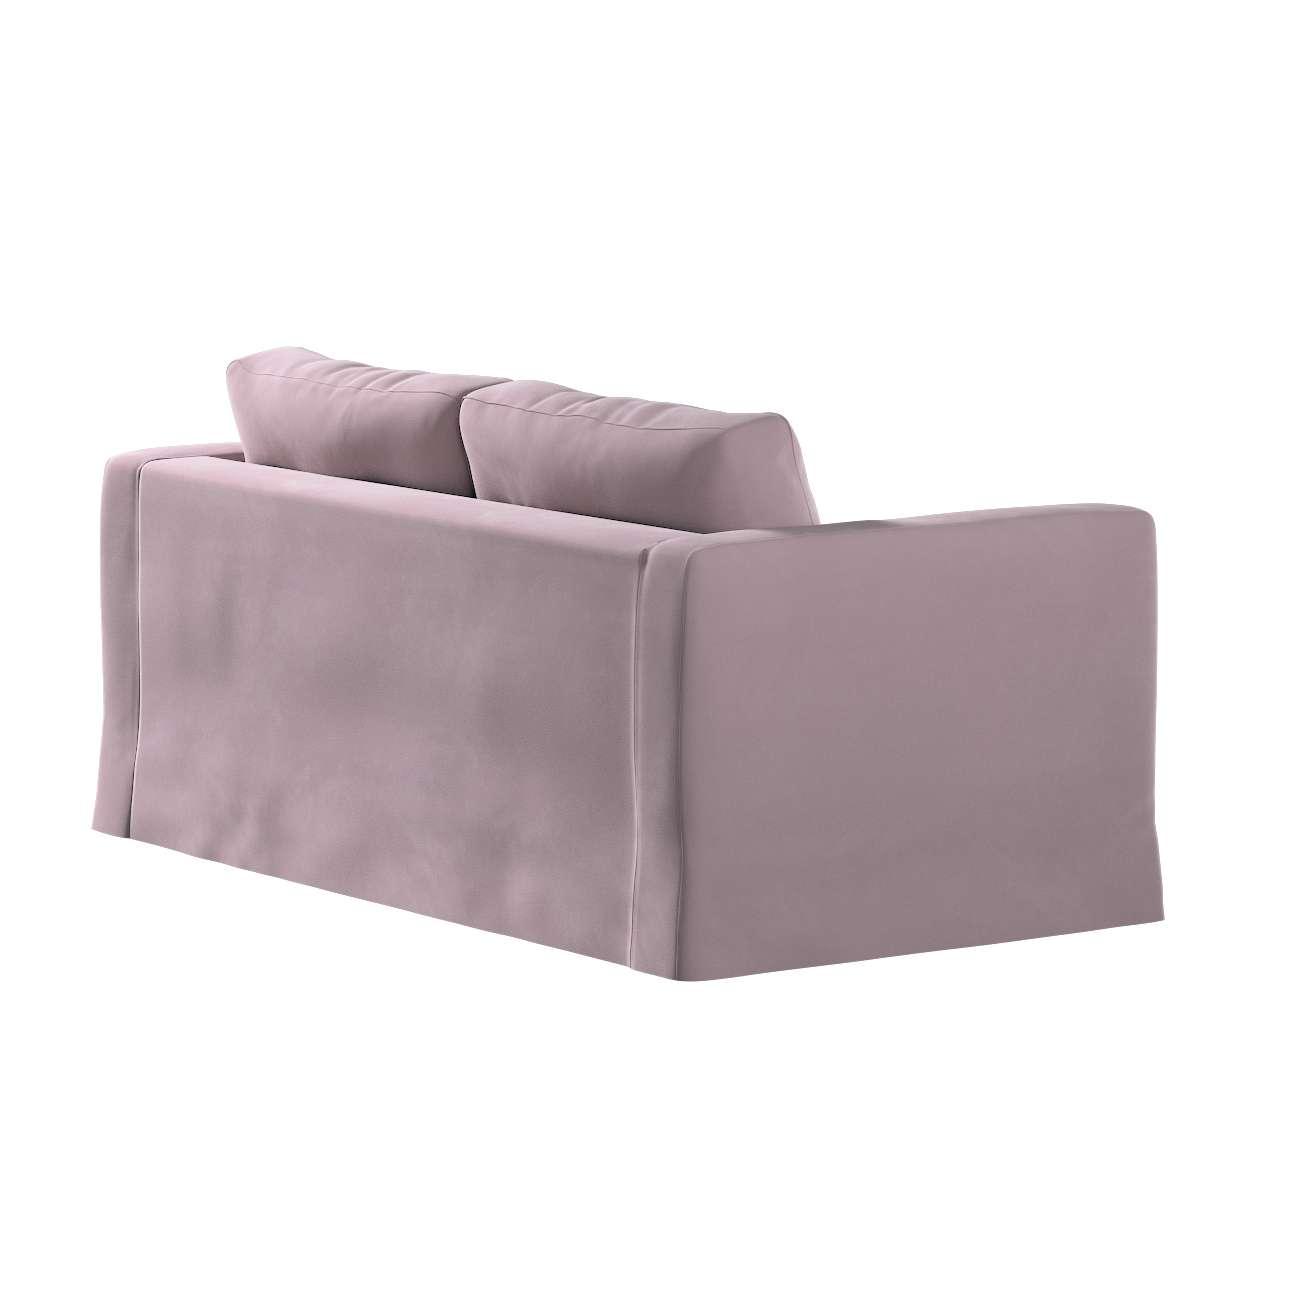 Hoes (lang) voor IKEA-Karlstad 2-zitsbank van de collectie Velvet, Stof: 704-14